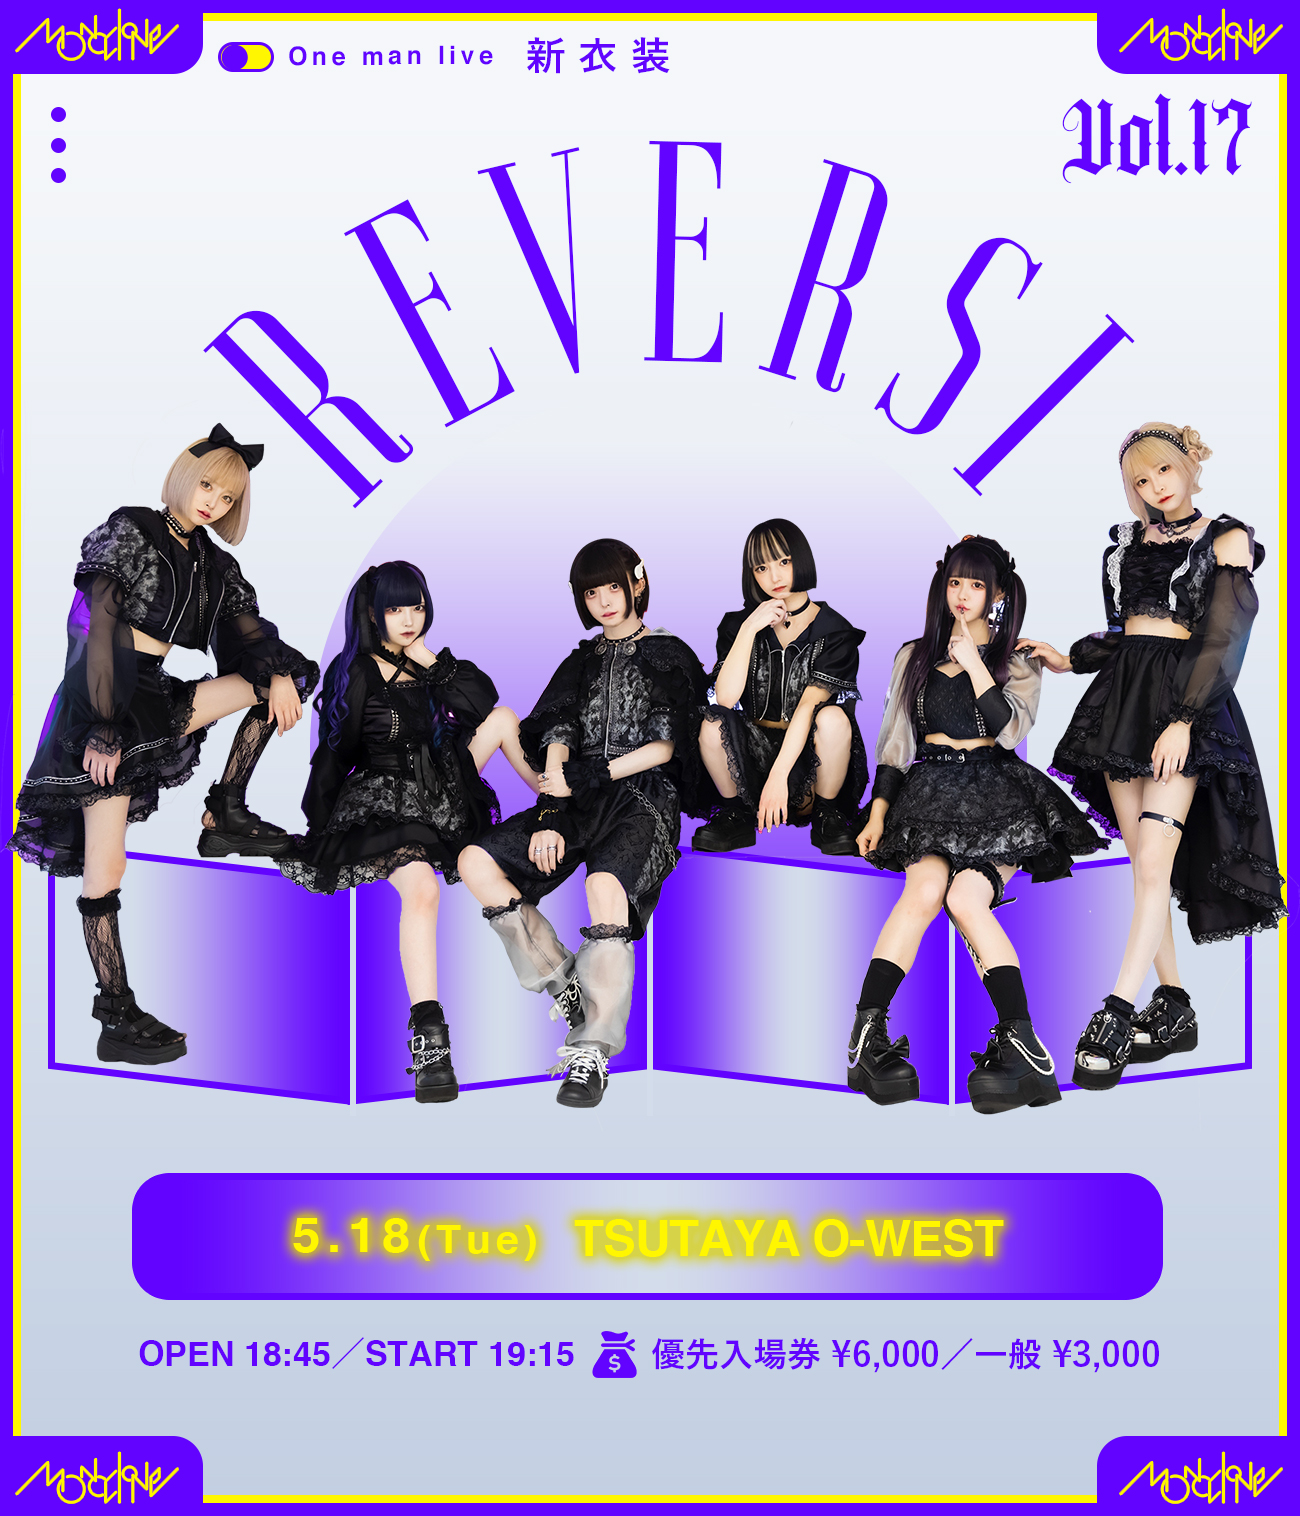 """モノクローン ワンマンライブ """"Reversi"""" Vol.17"""